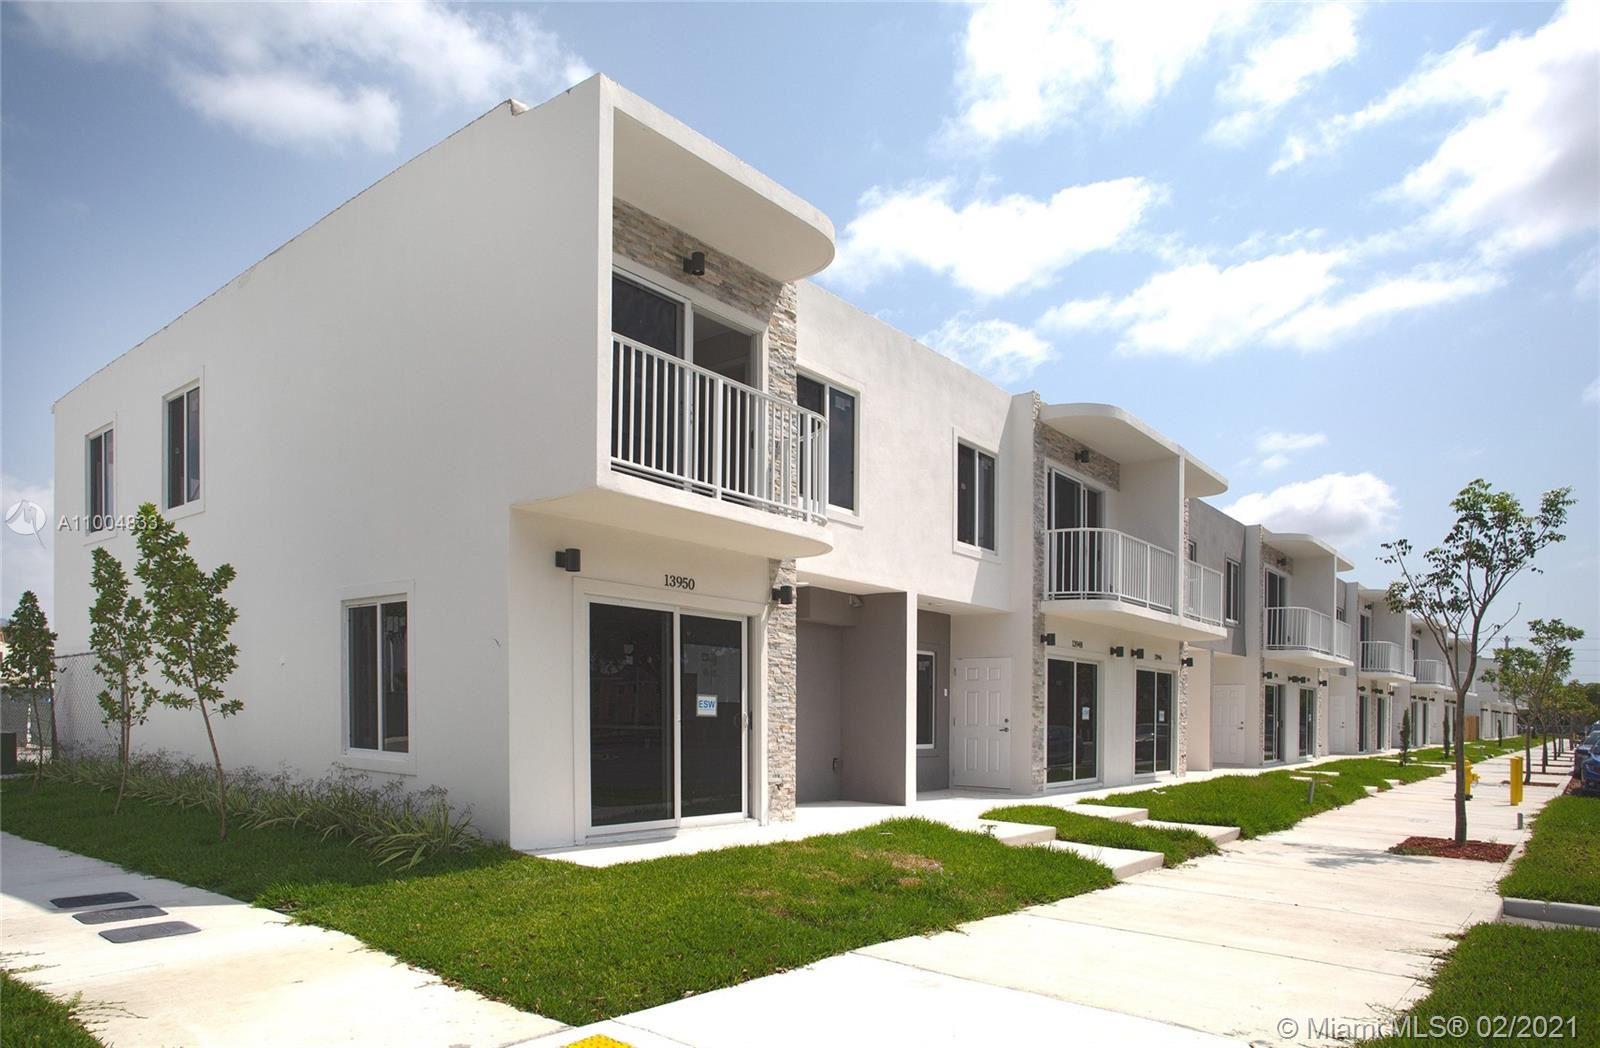 25867 SW 139 Ct, Miami, FL 33032 - #: A11004833